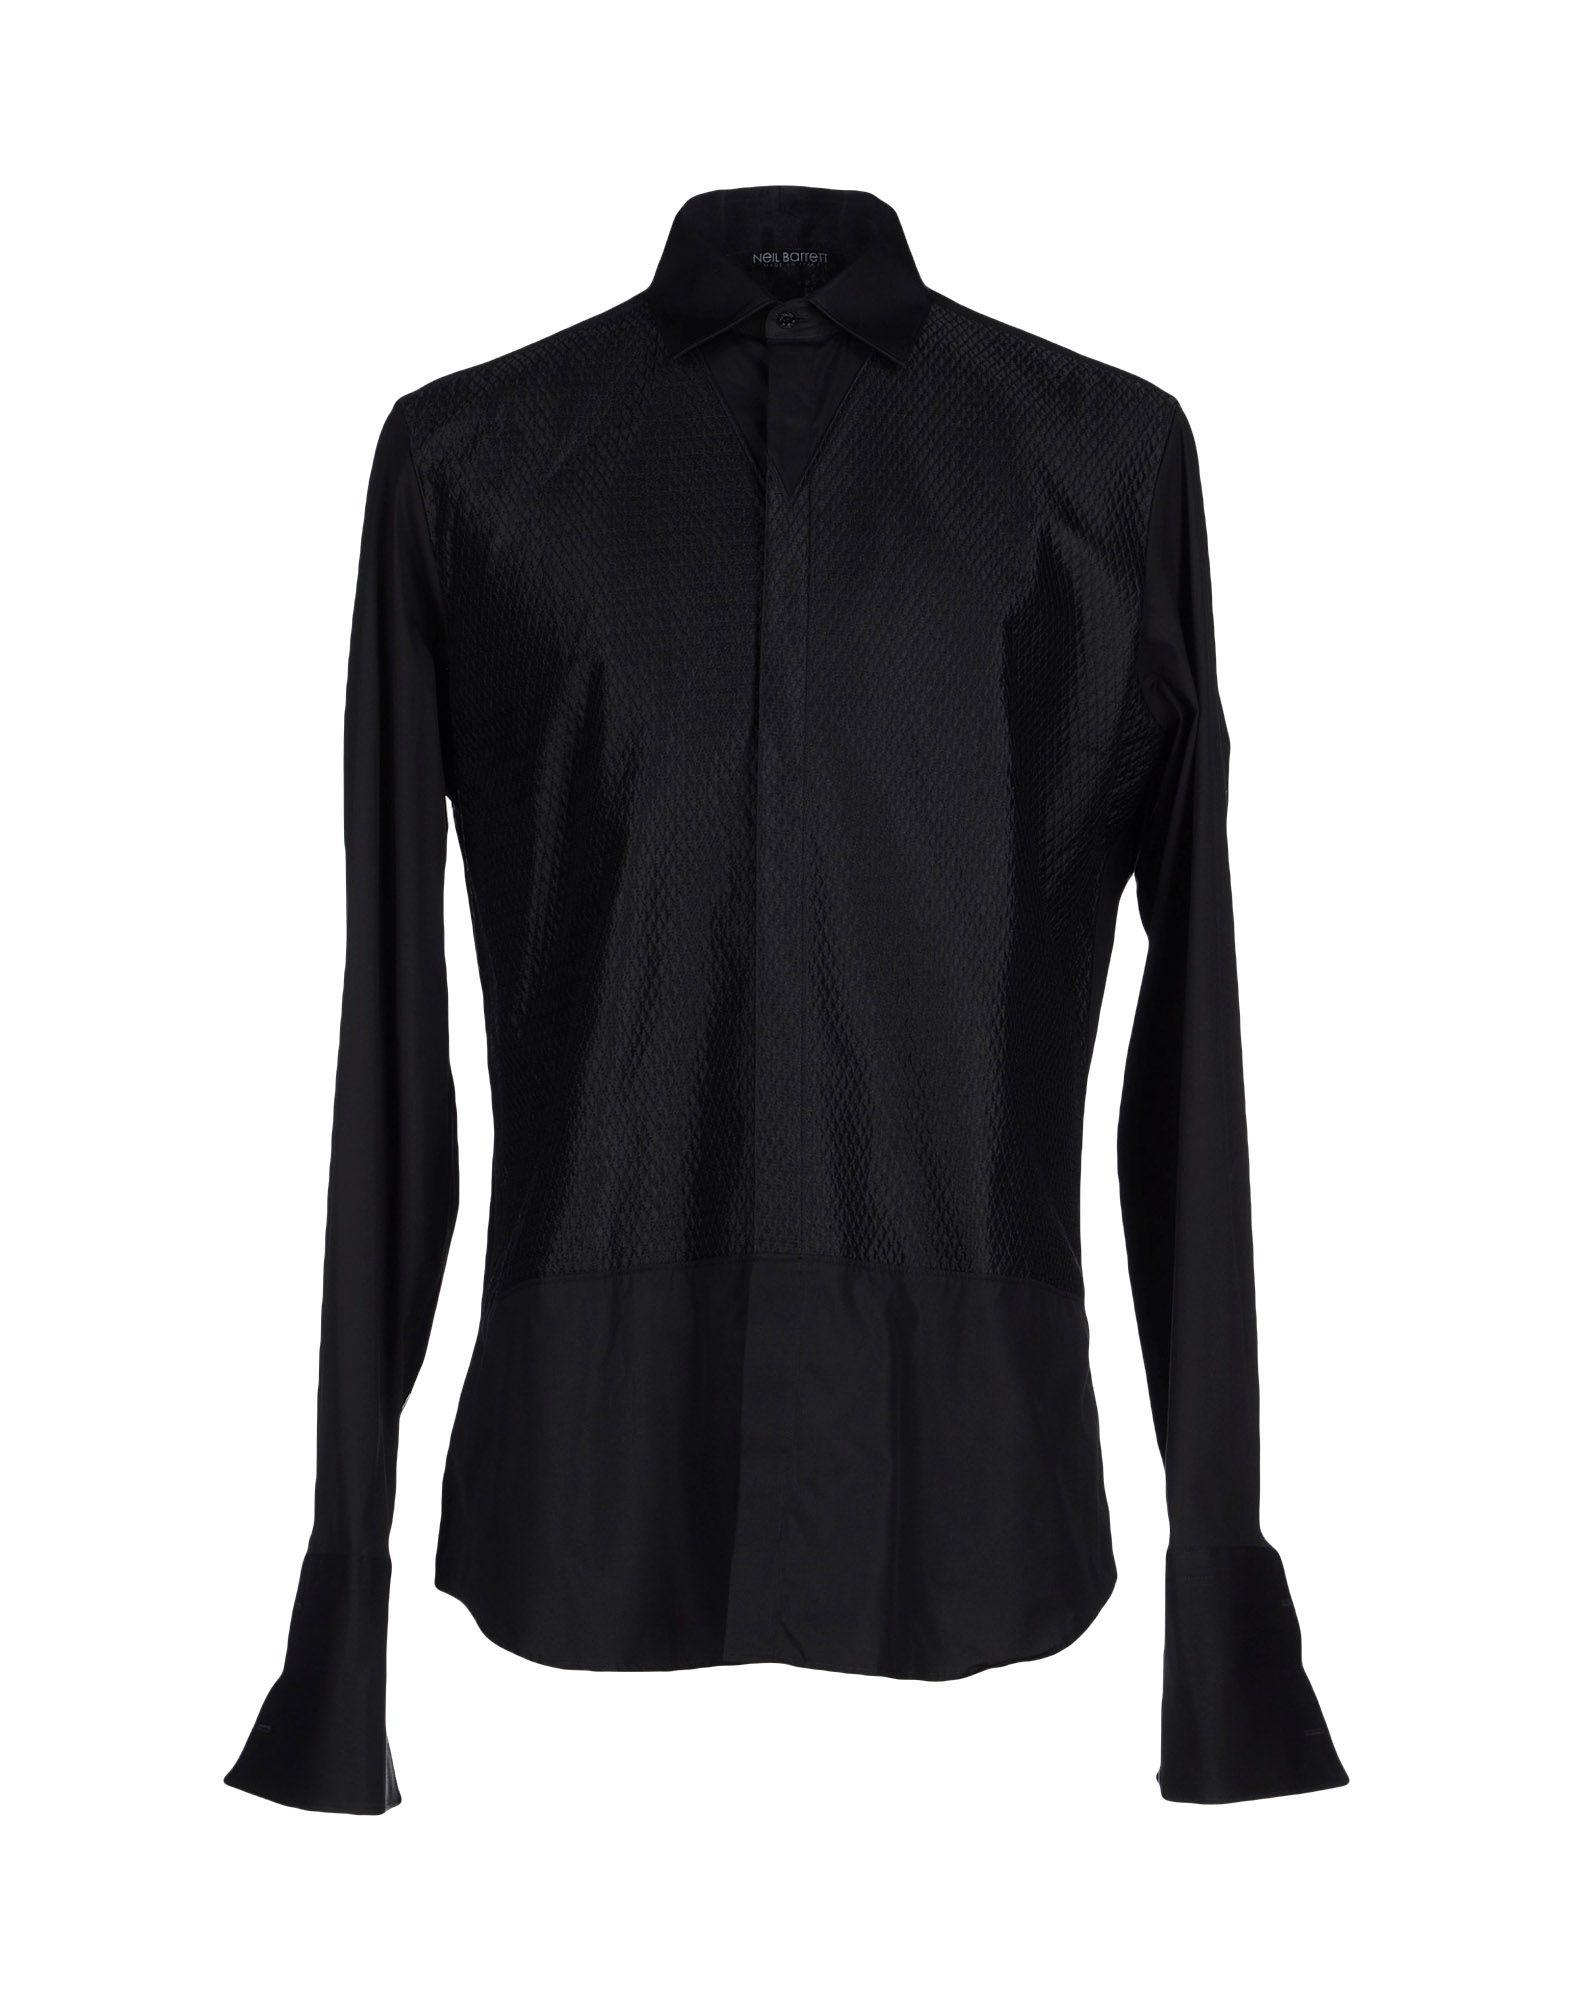 Neil barrett shirt in black for men lyst for Neil barrett tuxedo shirt